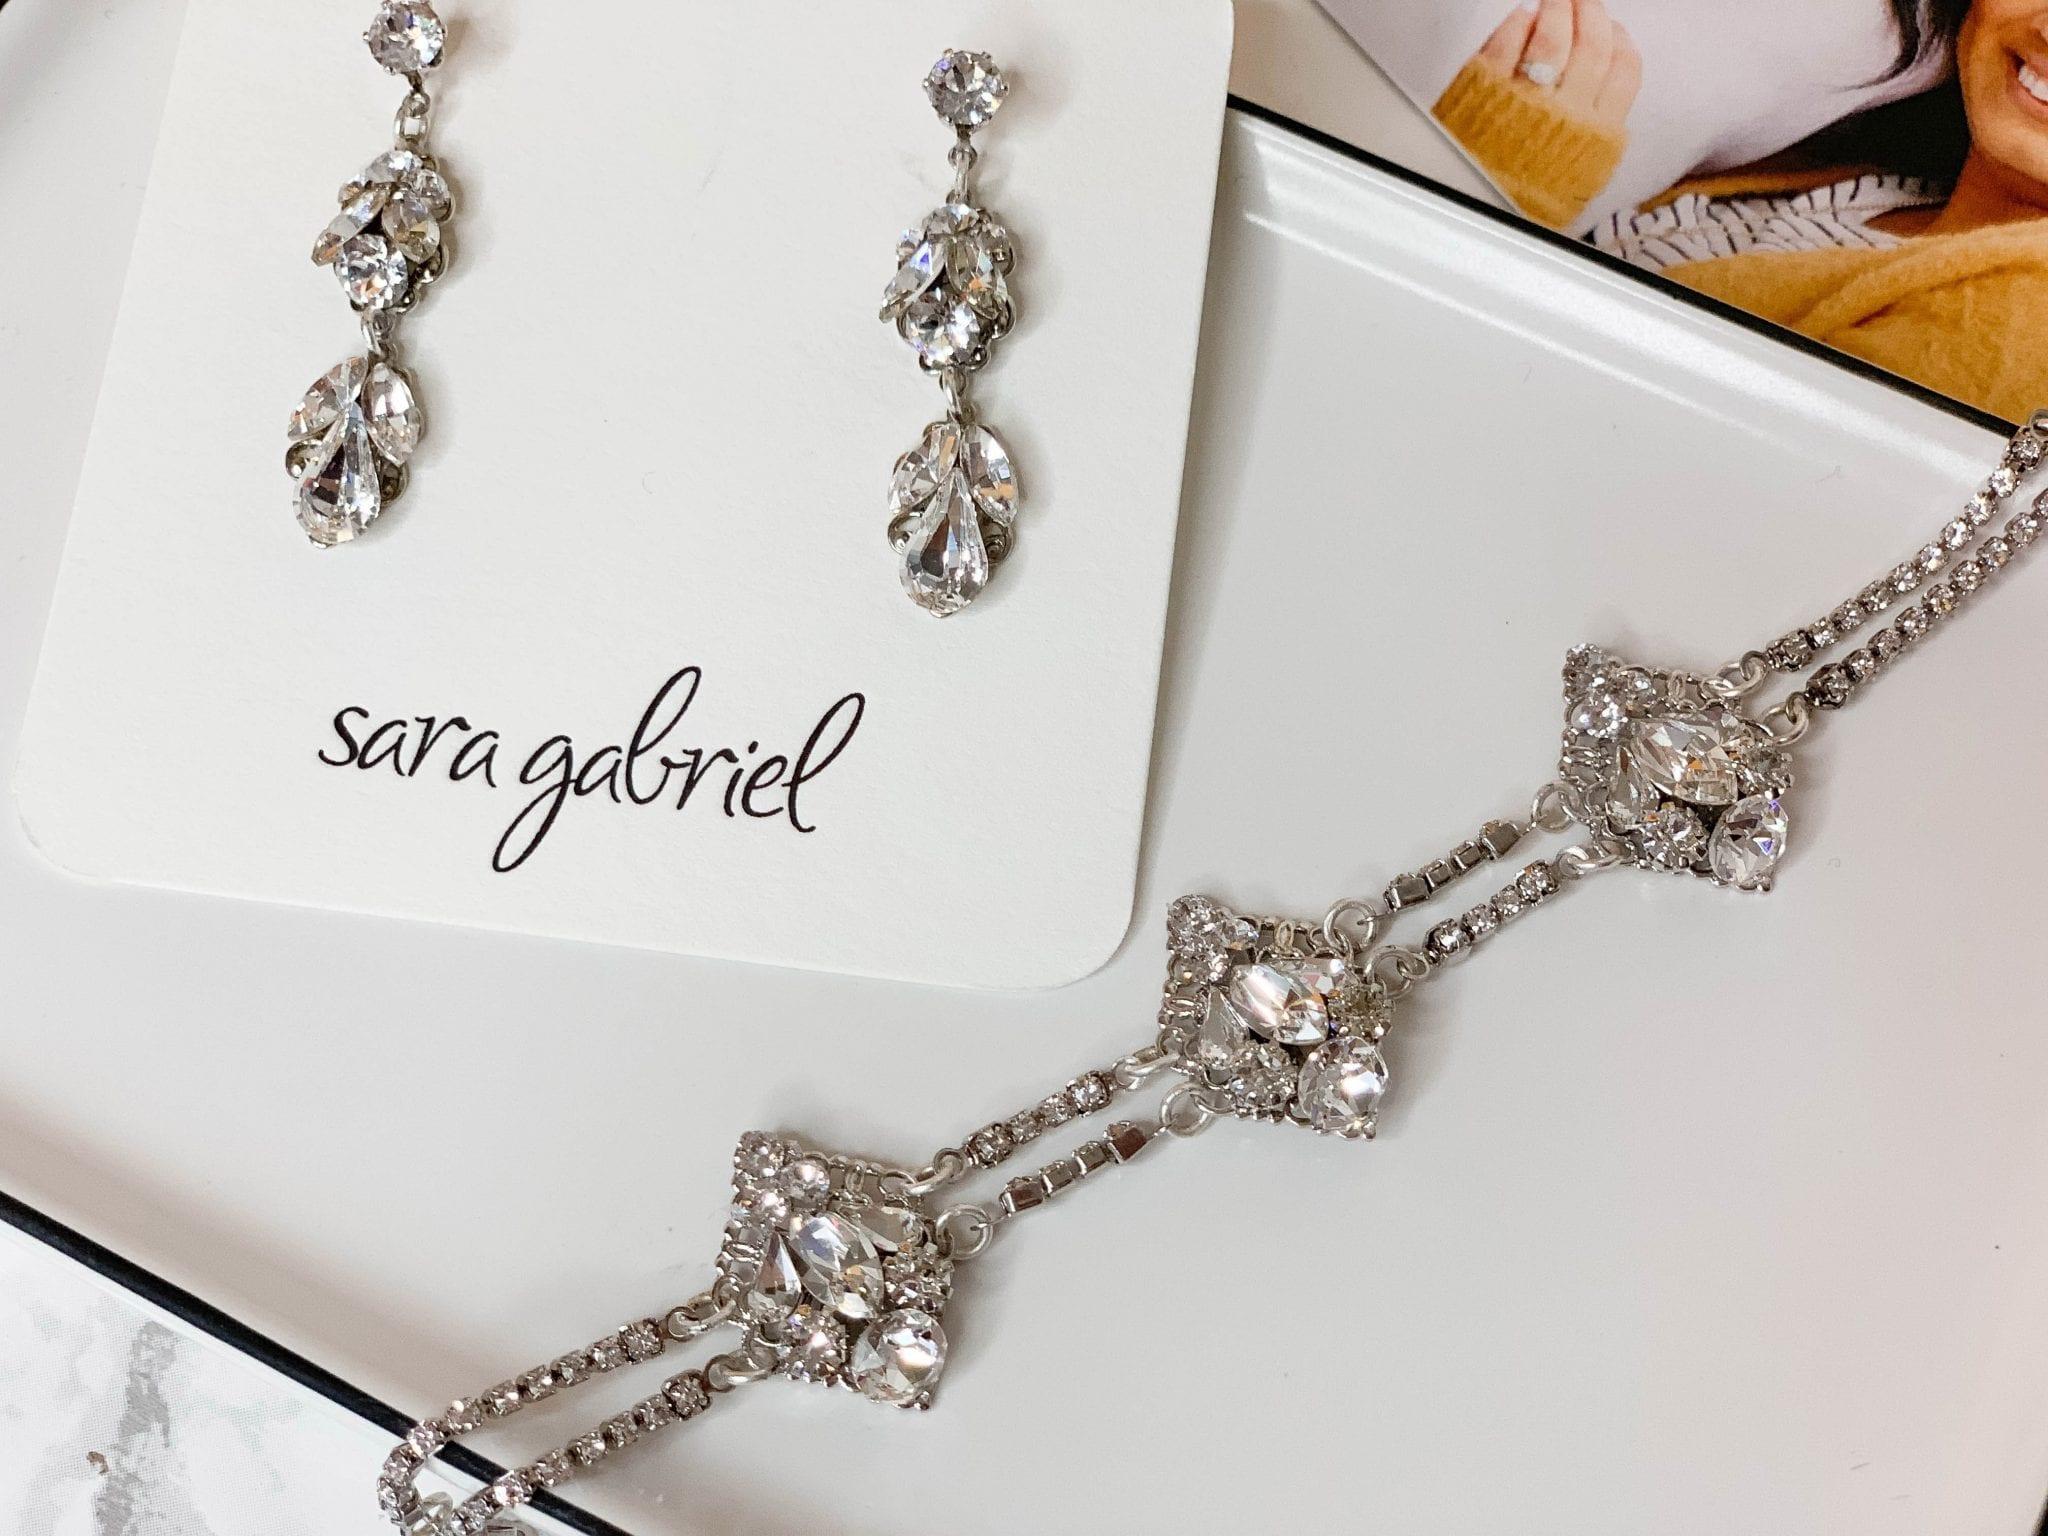 Bridal Jewelry with Sara Gabriel